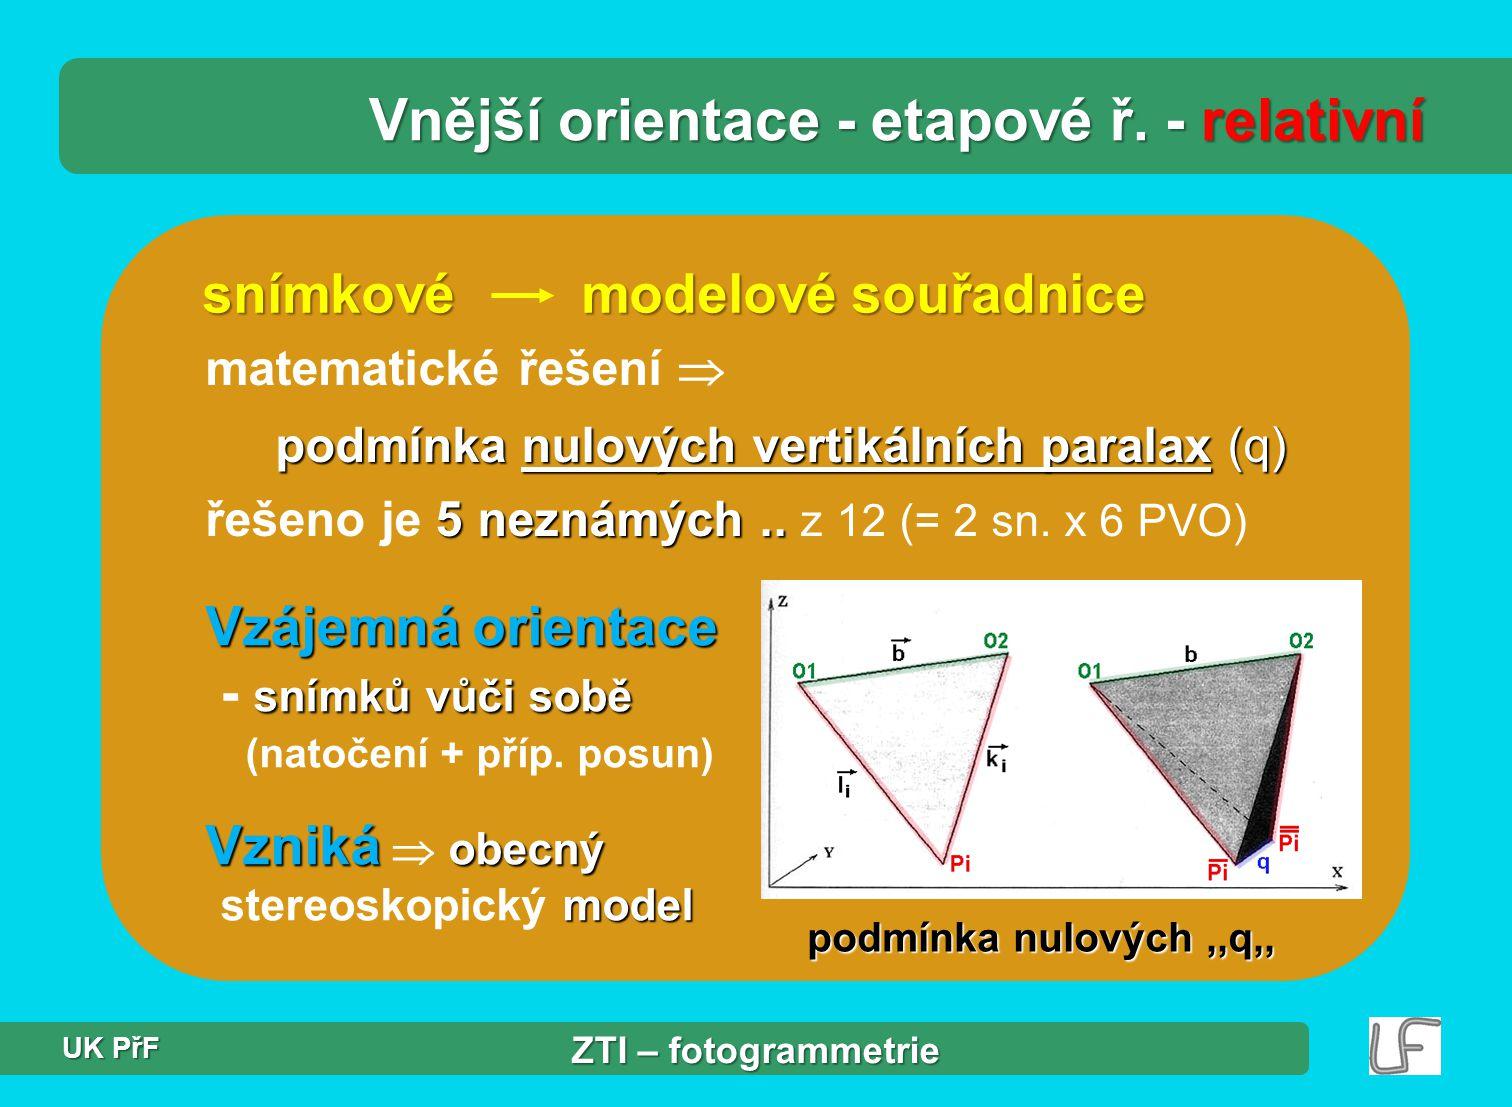 snímkové modelové souřadnice matematické řešení  podmínka nulových vertikálních paralax (q) 5 neznámých..